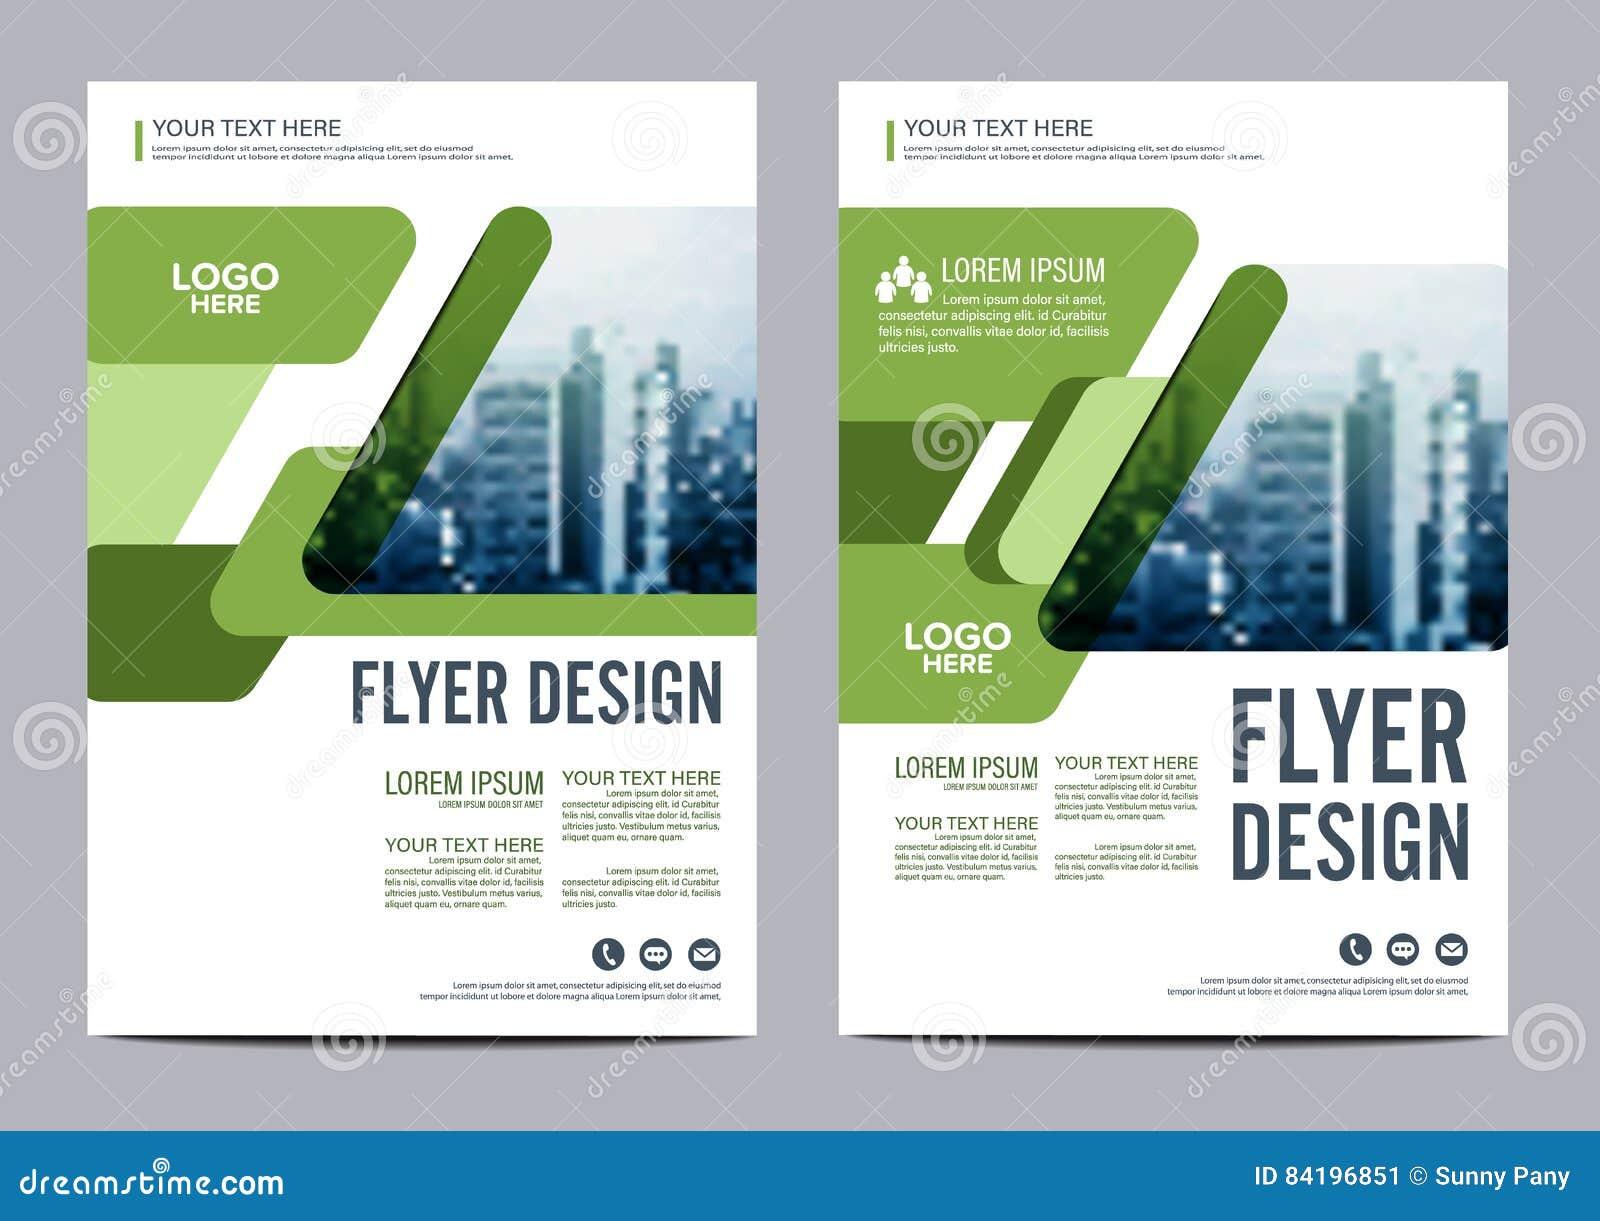 Πρότυπο σχεδίου σχεδιαγράμματος φυλλάδιων πρασινάδων Παρουσίαση κάλυψης φυλλάδιων ιπτάμενων ετήσια εκθέσεων